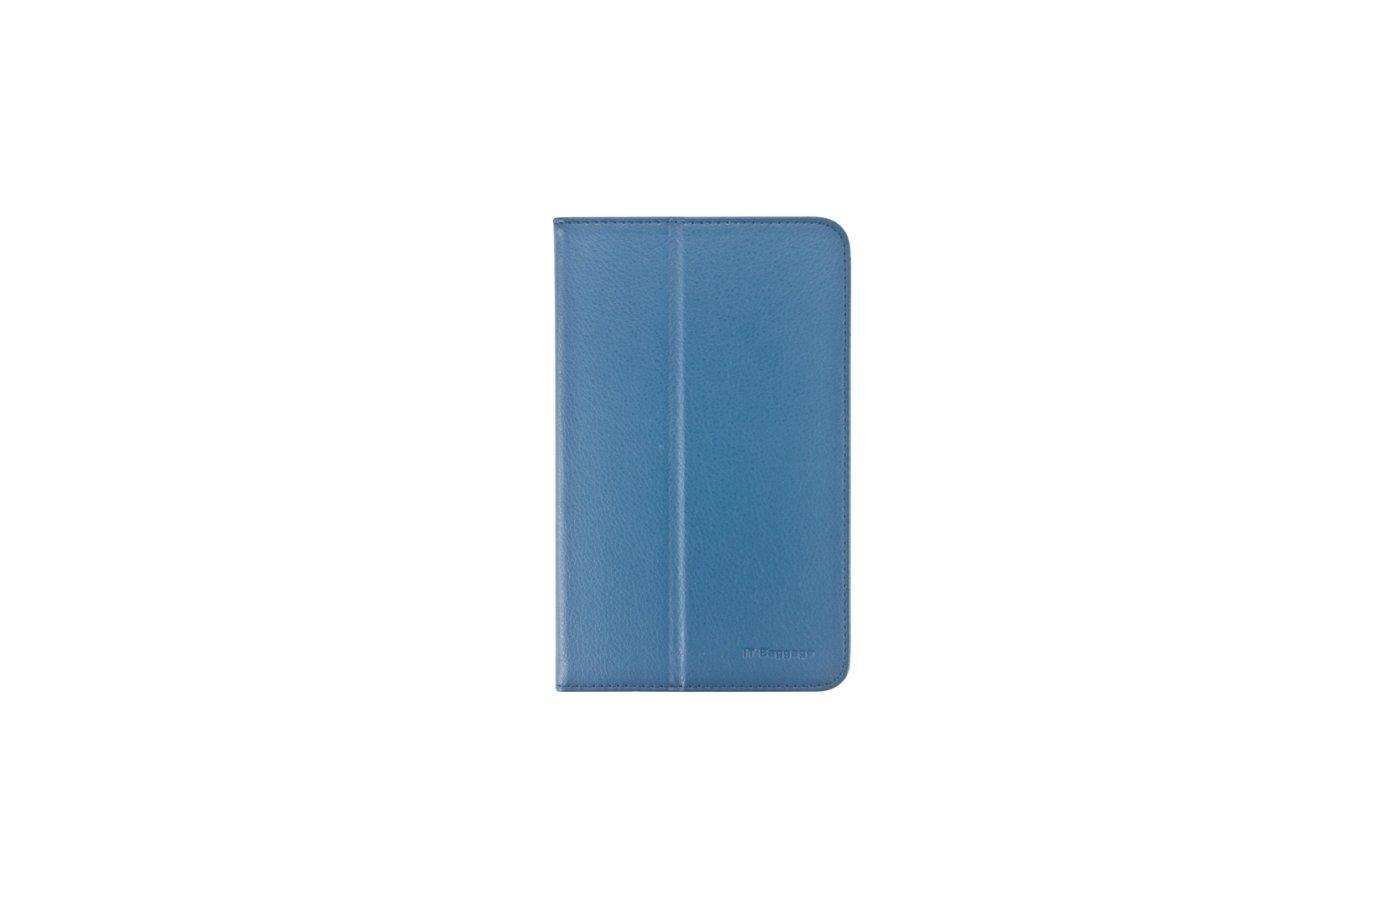 Чехол для планшетного ПК IT BAGGAGE для LENOVO Tab A7-30 (A3300) 7 искус. кожа синий ITLNA3302-4